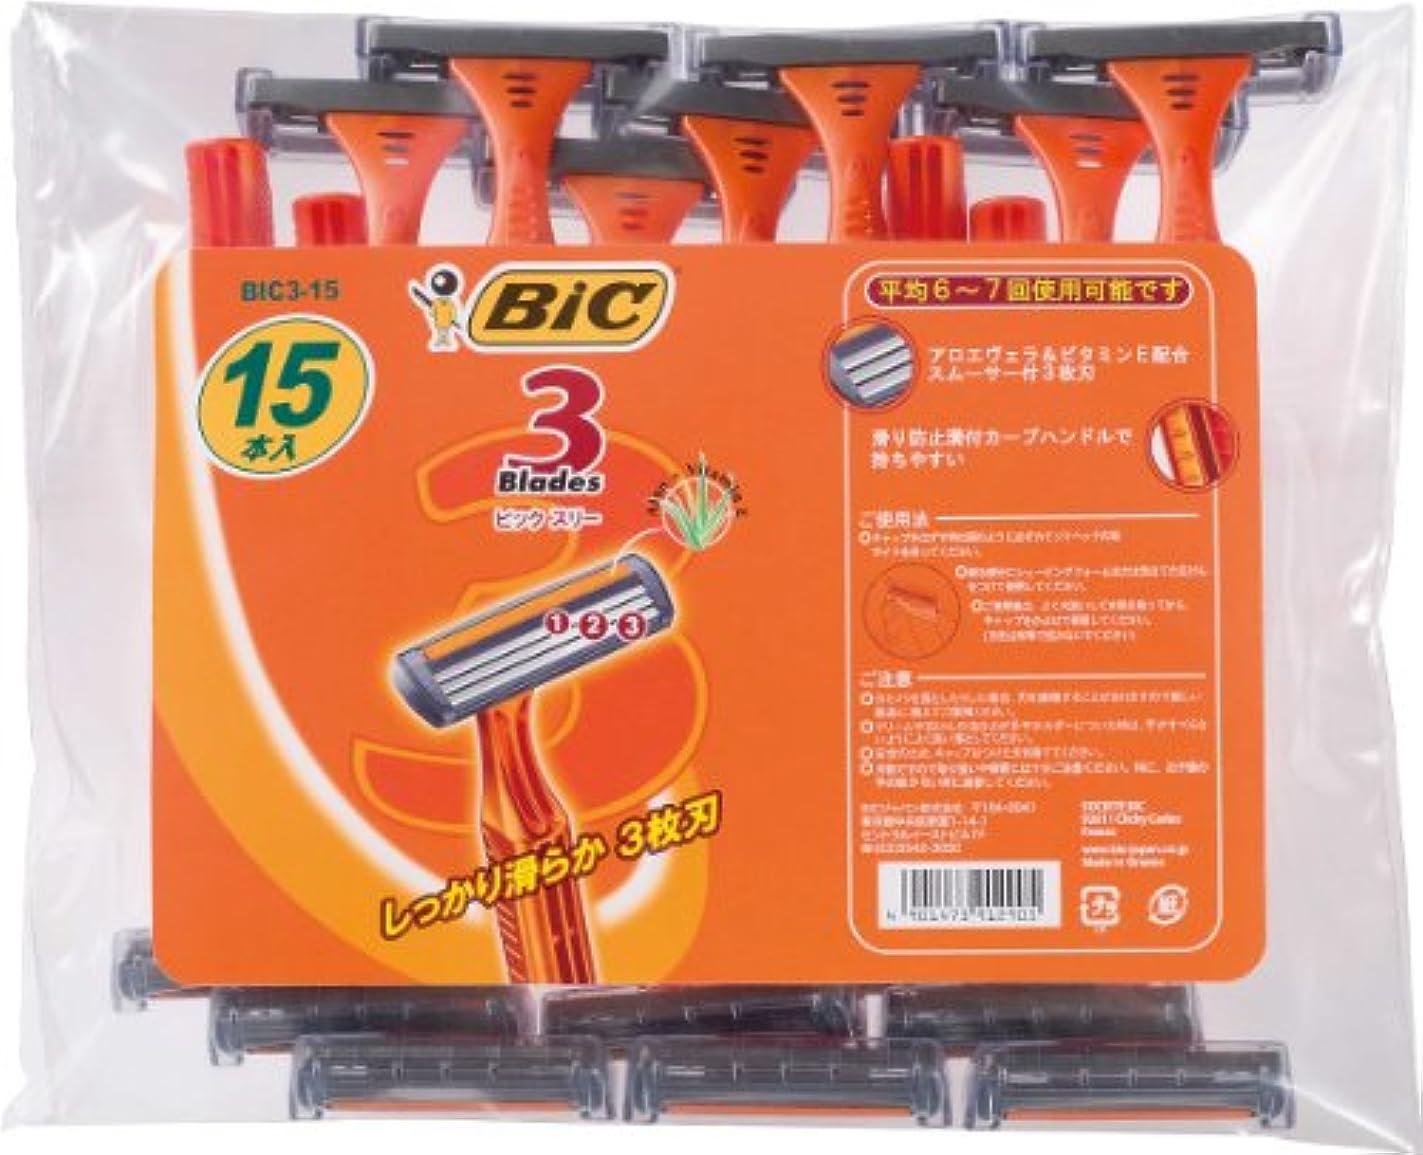 バット粒子からビック BIC BIC3 3枚刃 使い捨てカミソリ シェーバー ひげそり ディスポ 15本入